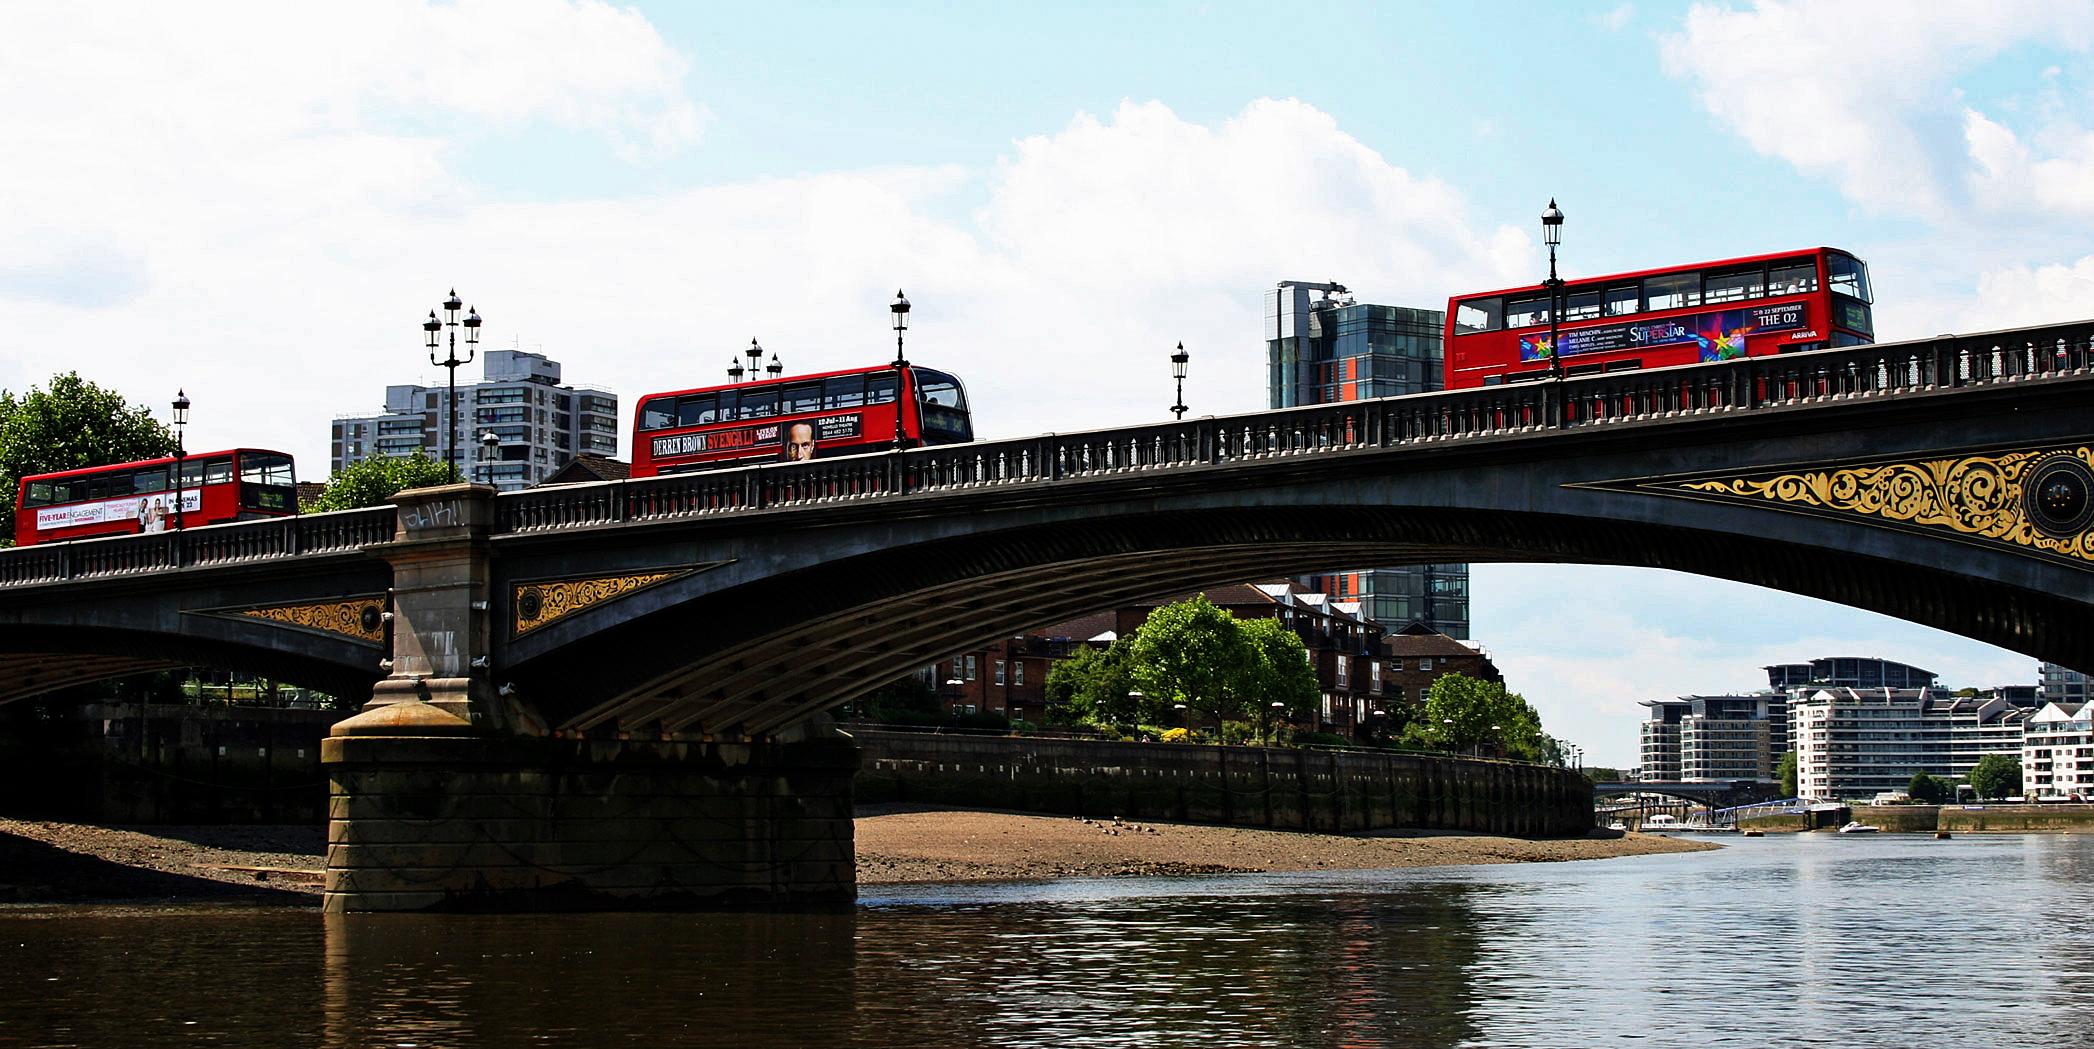 Themsefahrt: Battersea Bridge - einst von Schiffern gefürchtet